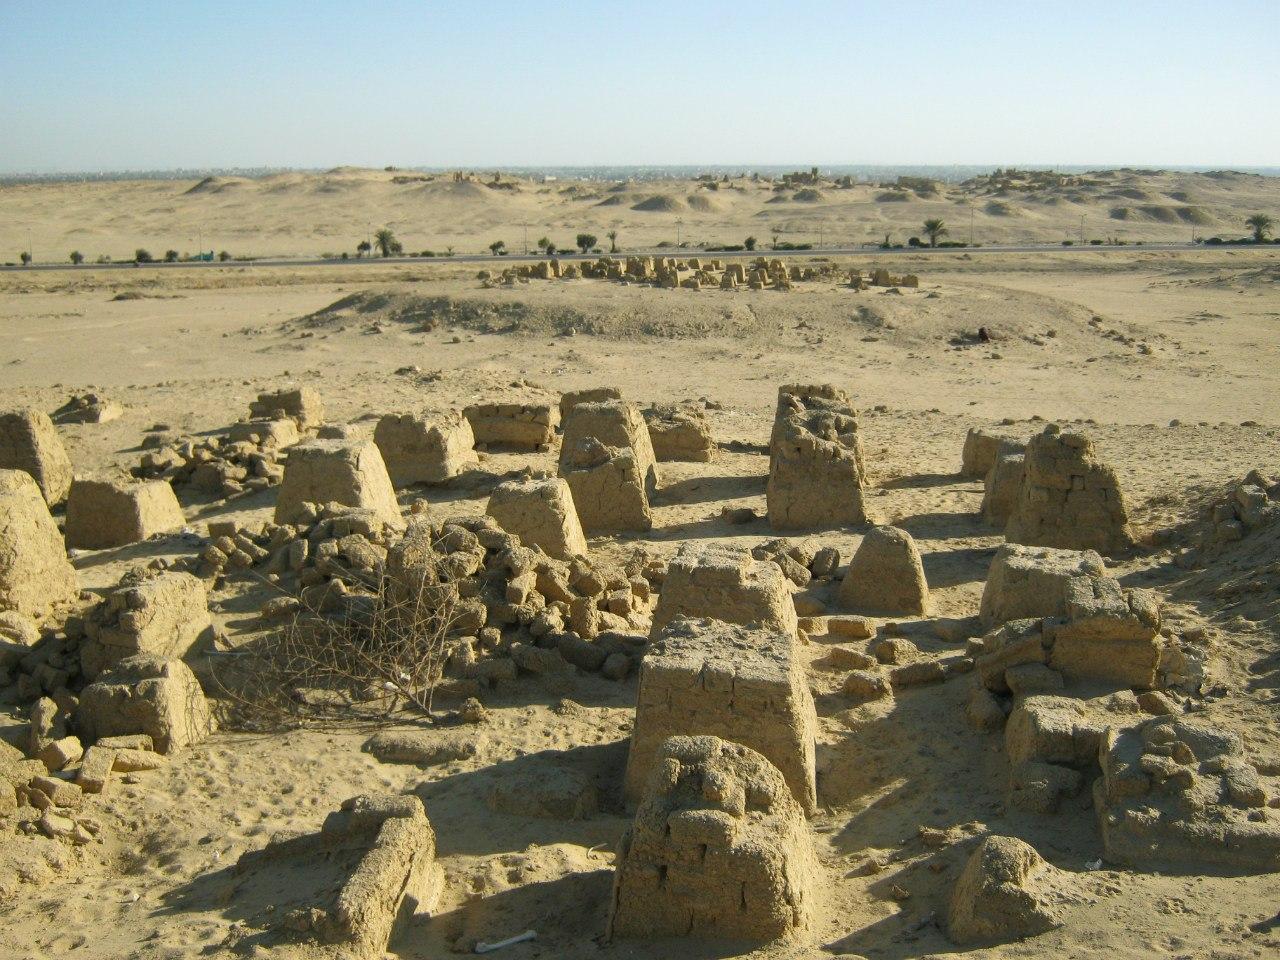 древнее поселение около Эль Файюм